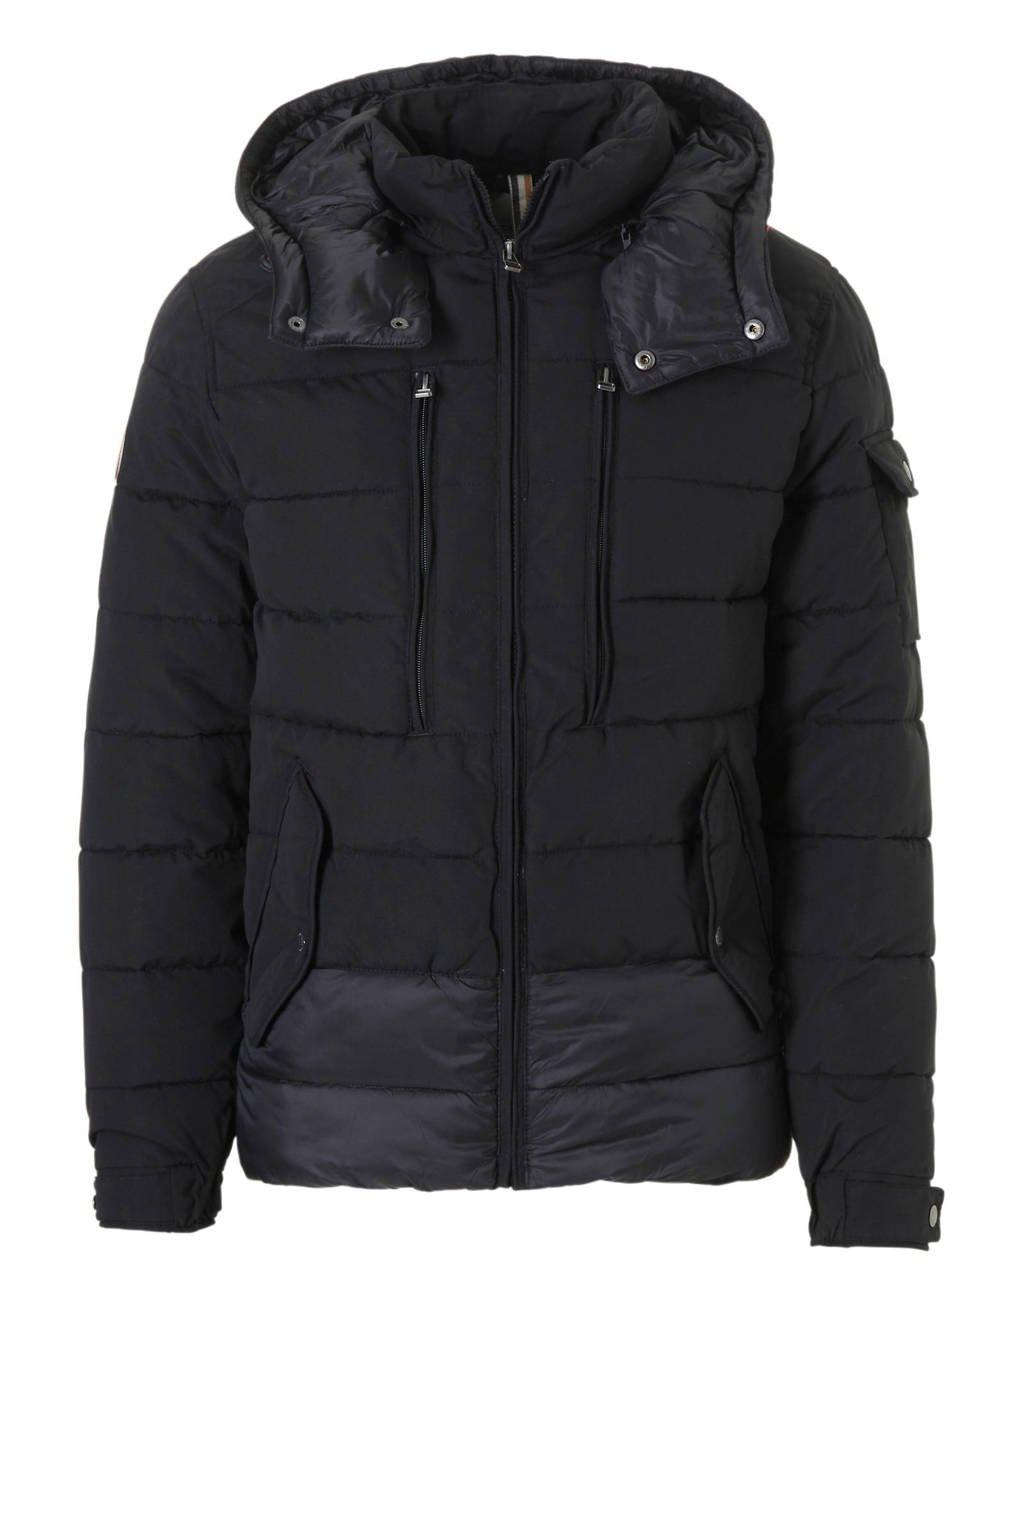 Jack & Jones Originals jas, Donkerblauw